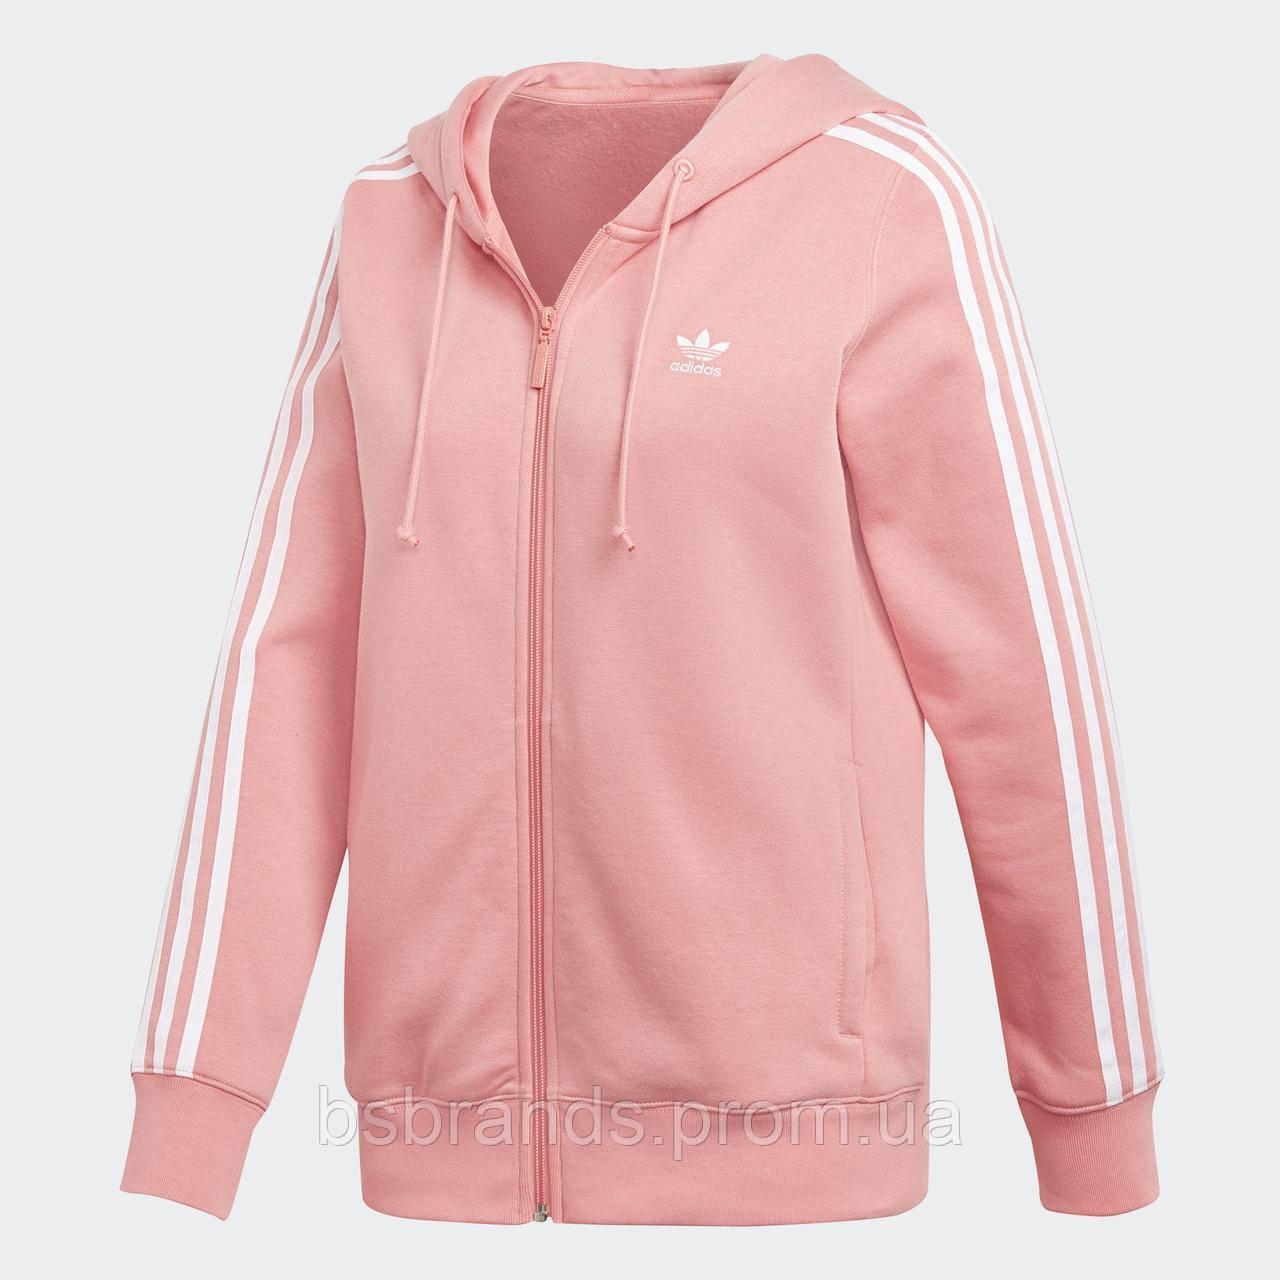 Жіноче худі adidas 3-Stripes Zip DN8150